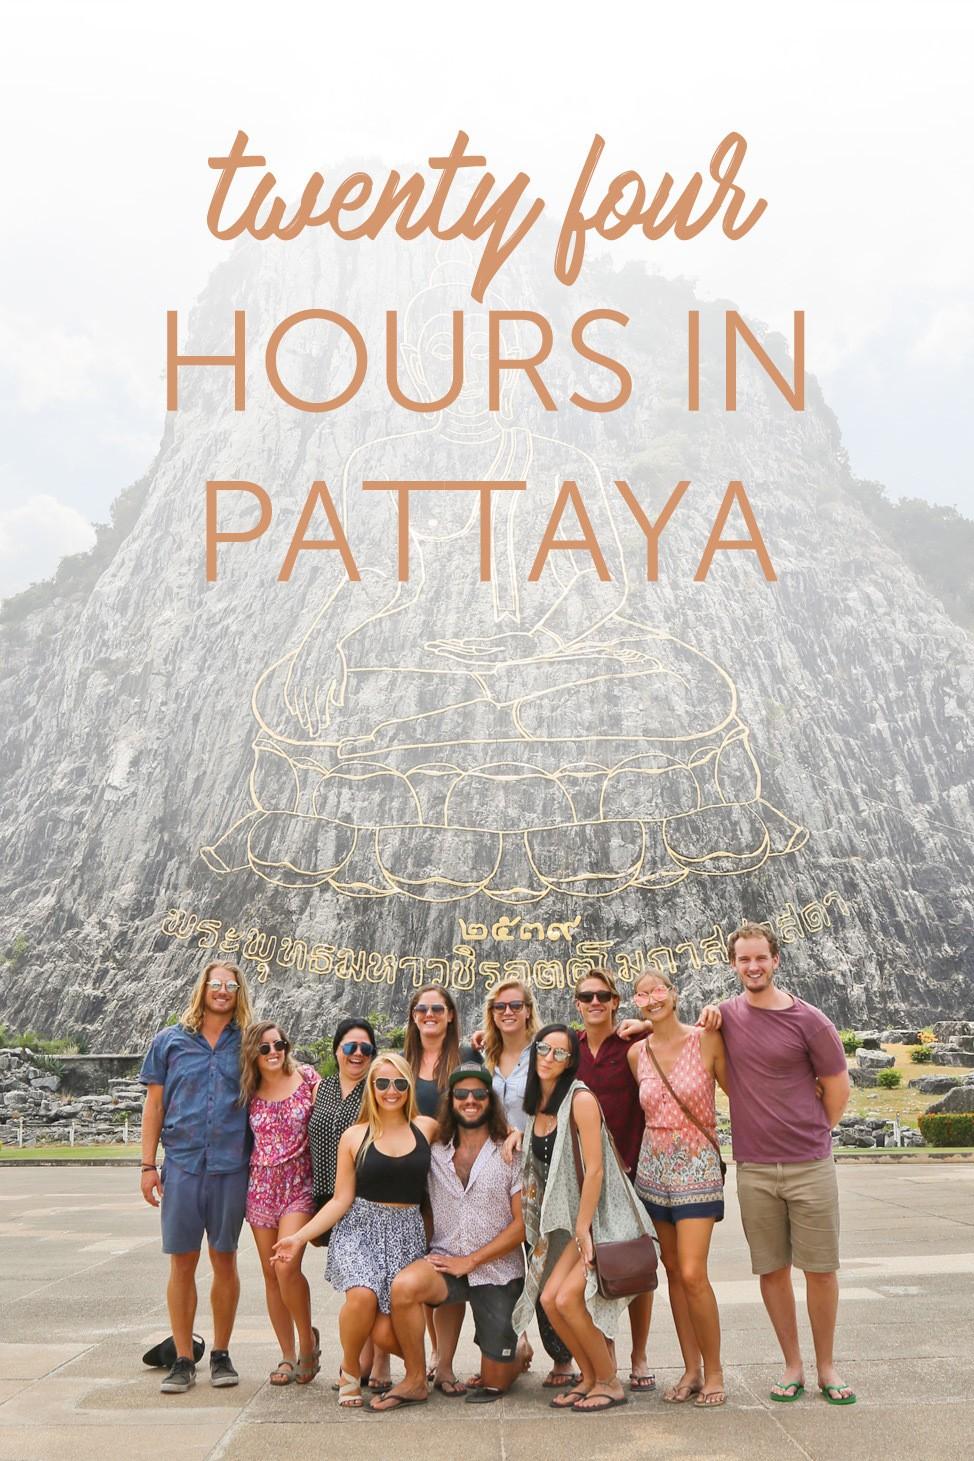 Twenty Four Hours in Pattaya